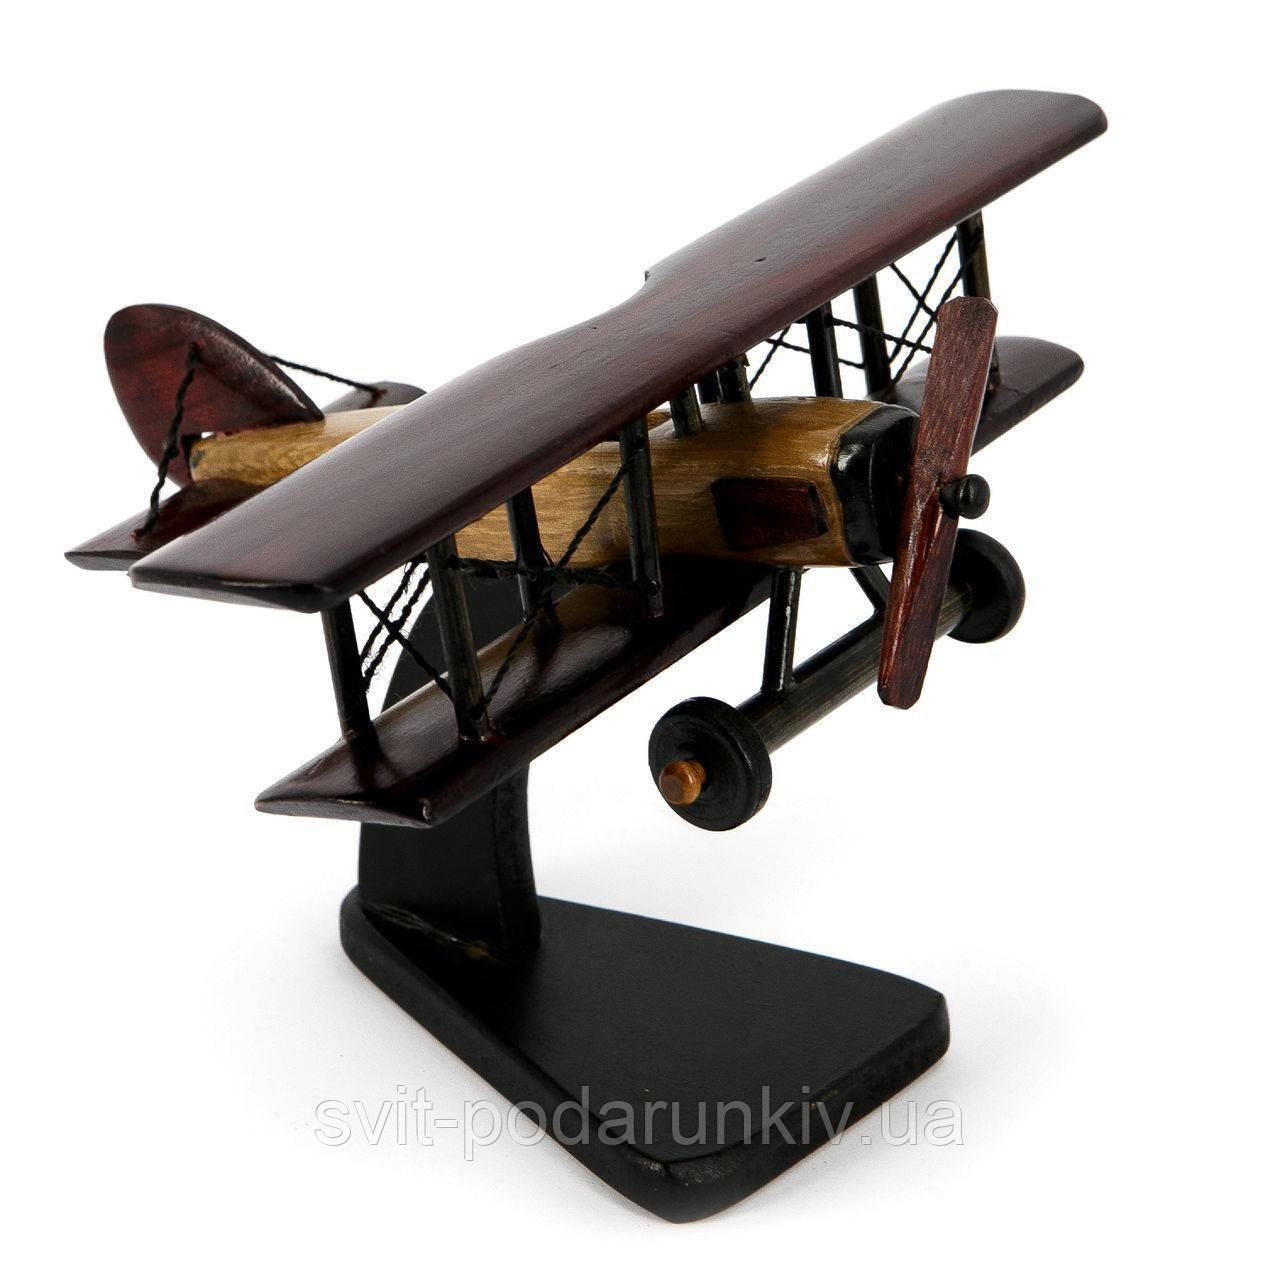 Модель самолета из дерева №1